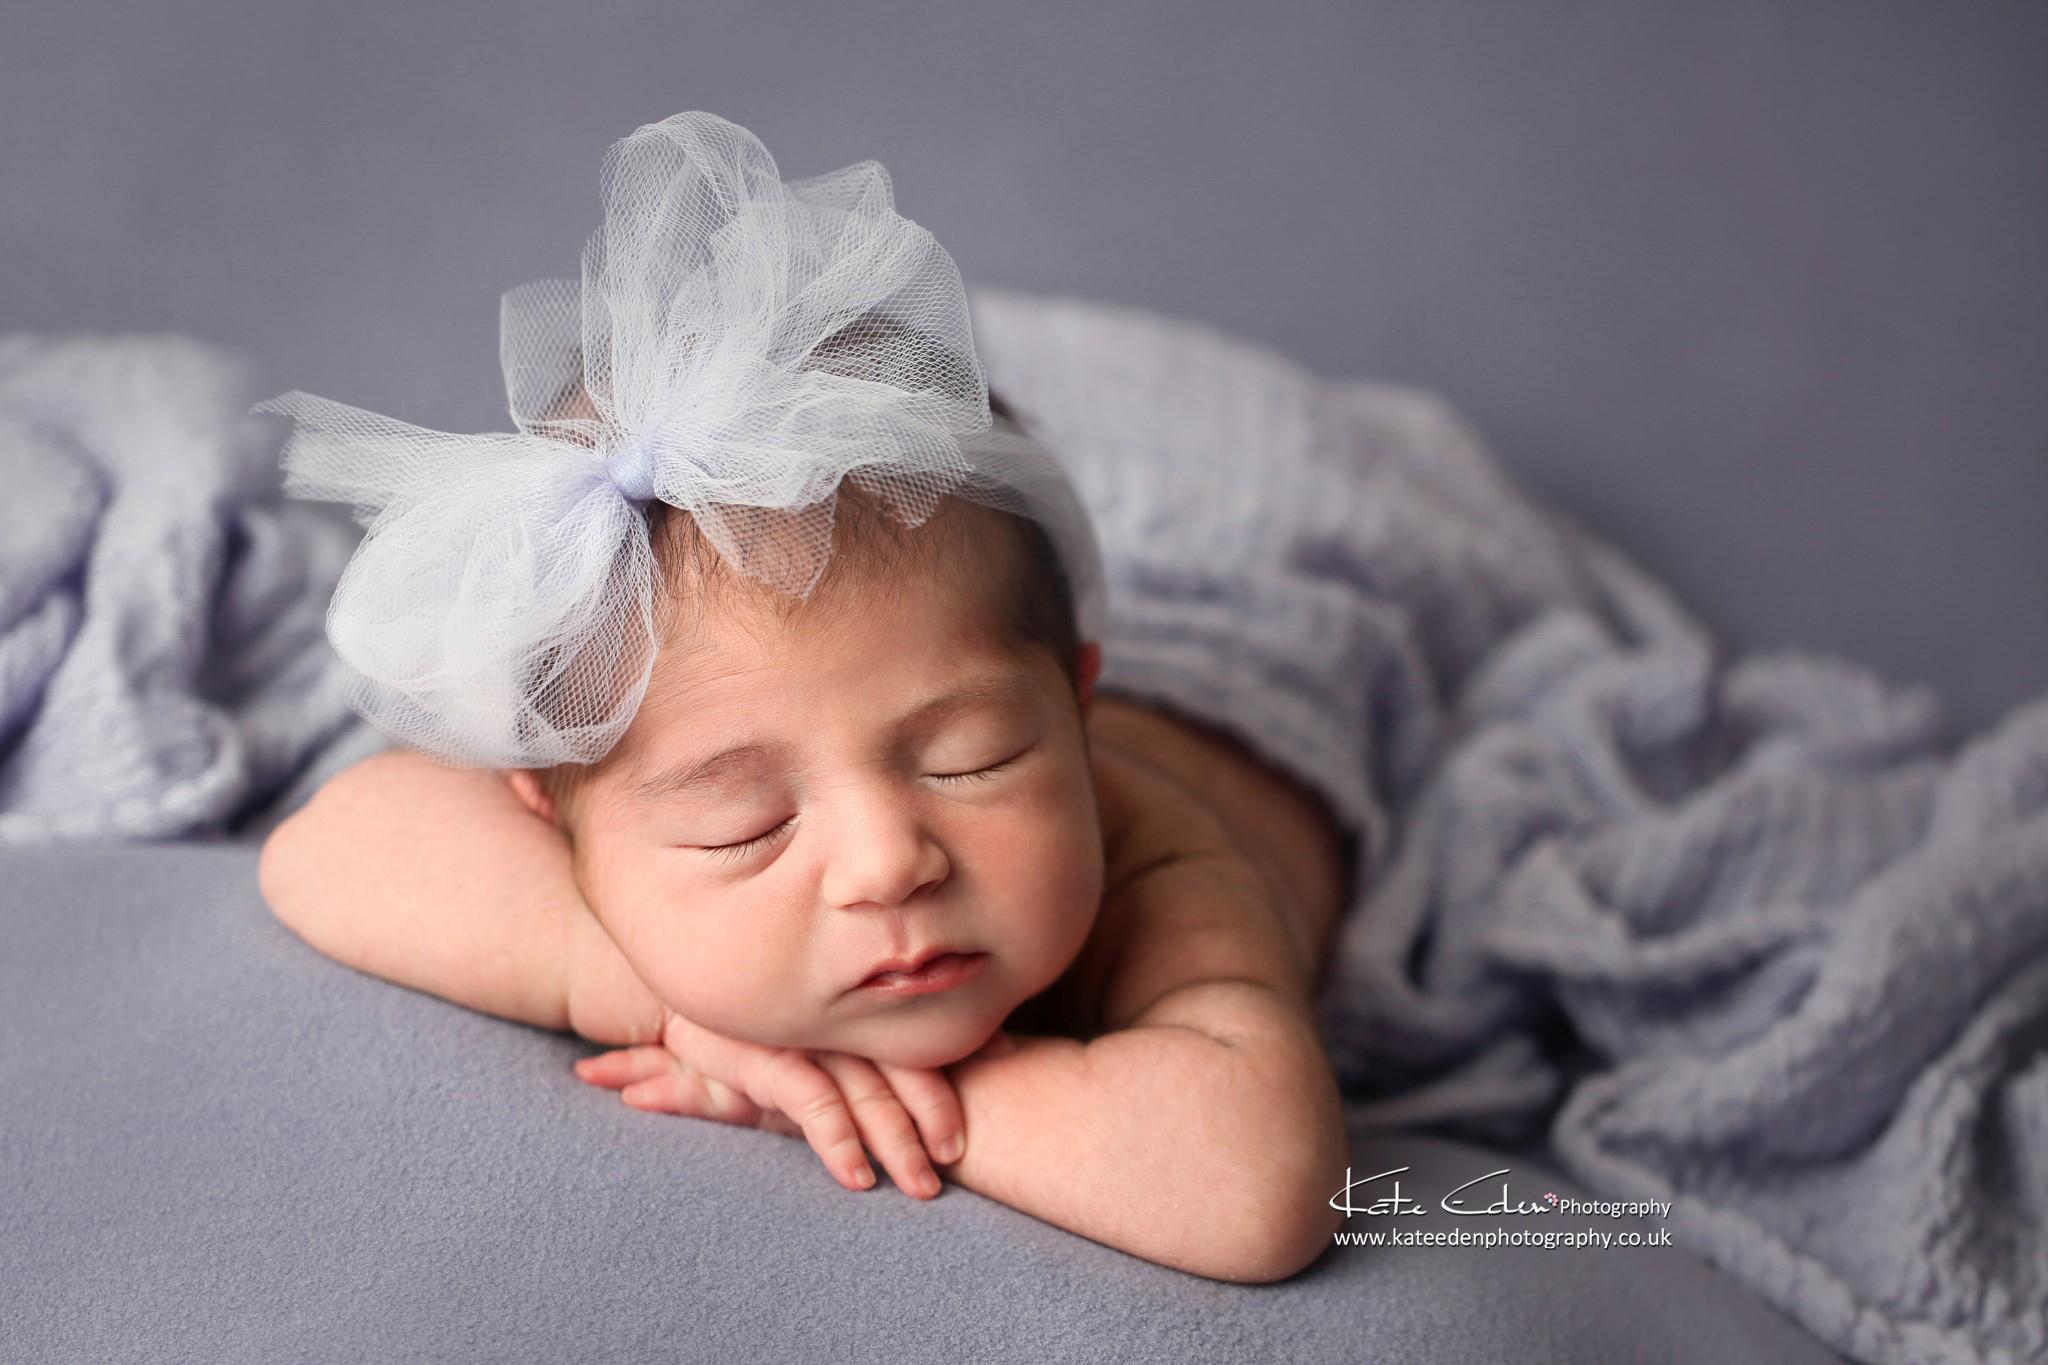 Newborn baby girl in lavender - London newborn photographer - Kate Eden Photography